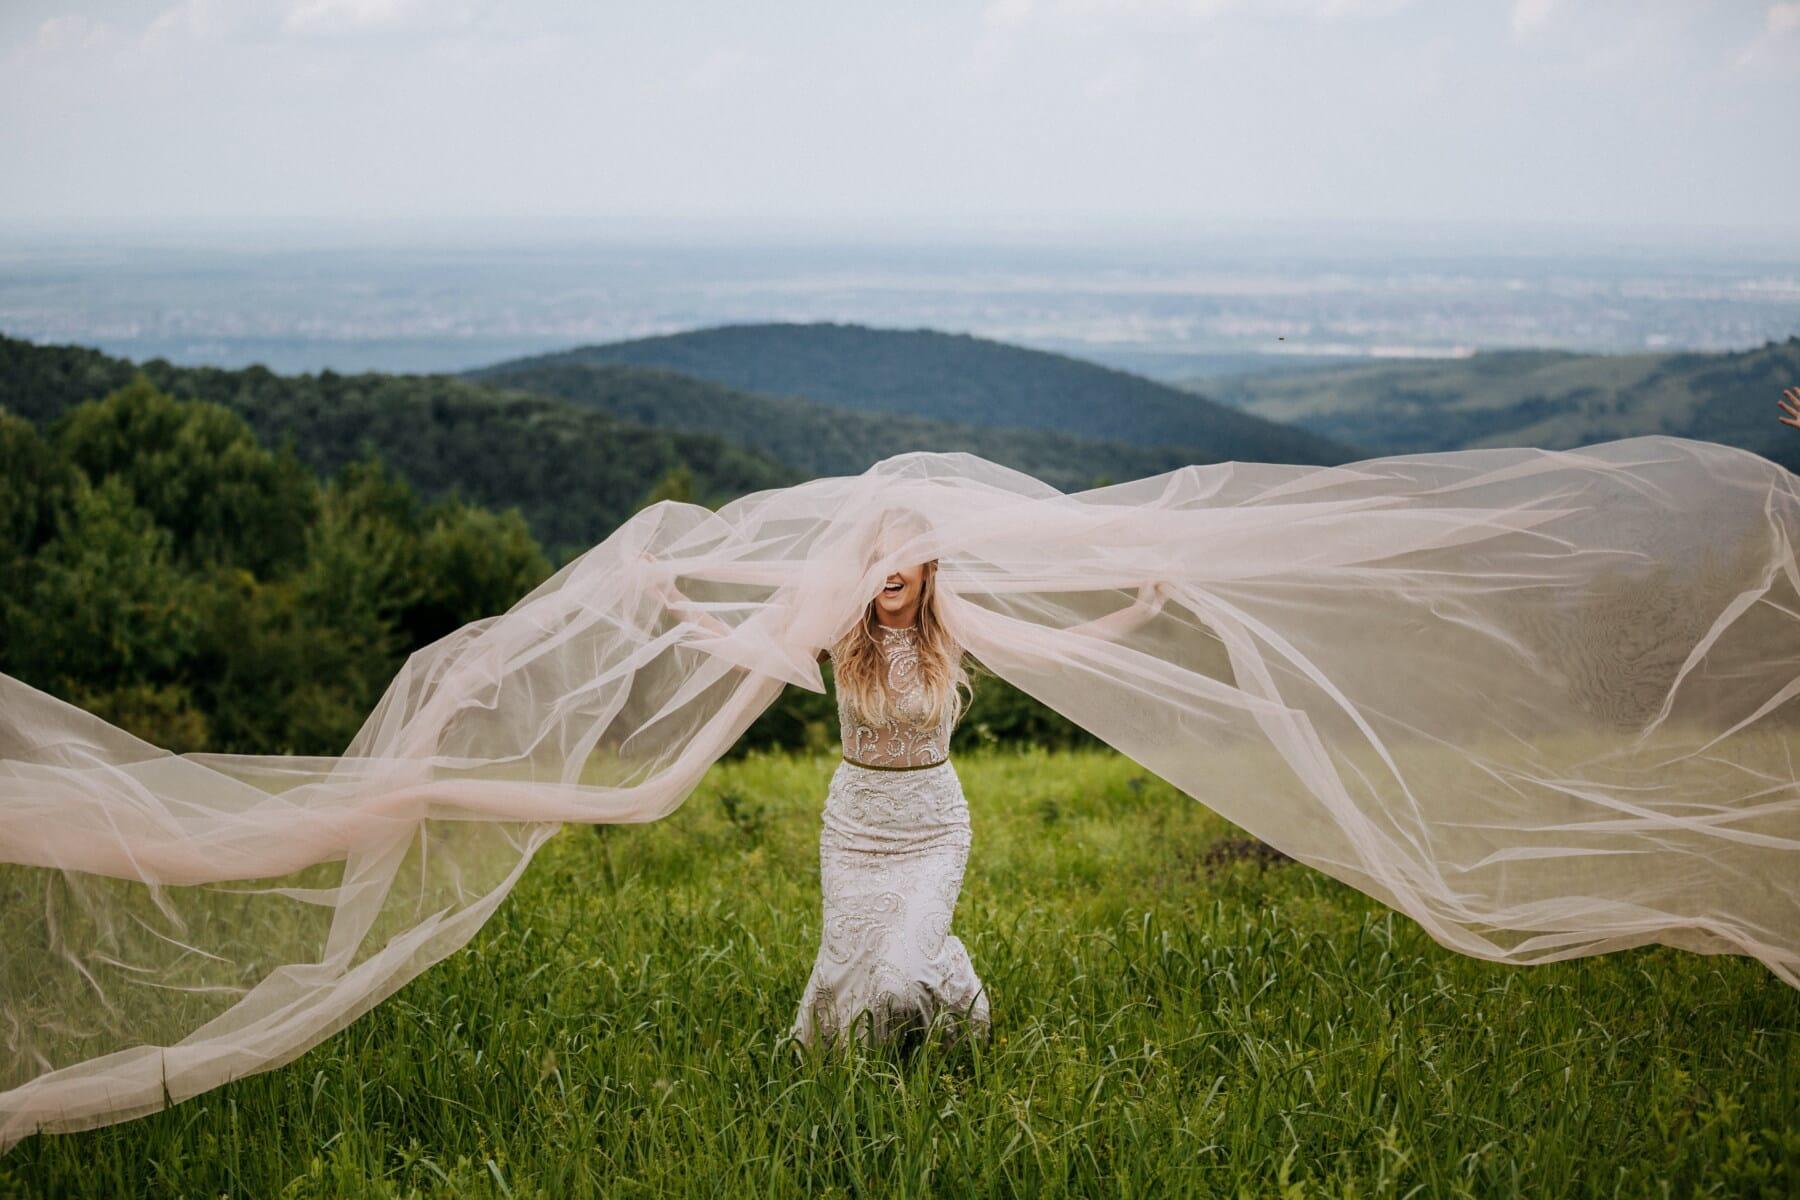 veil, pretty girl, hike, hiker, hillside, hilltop, girl, nature, woman, grass